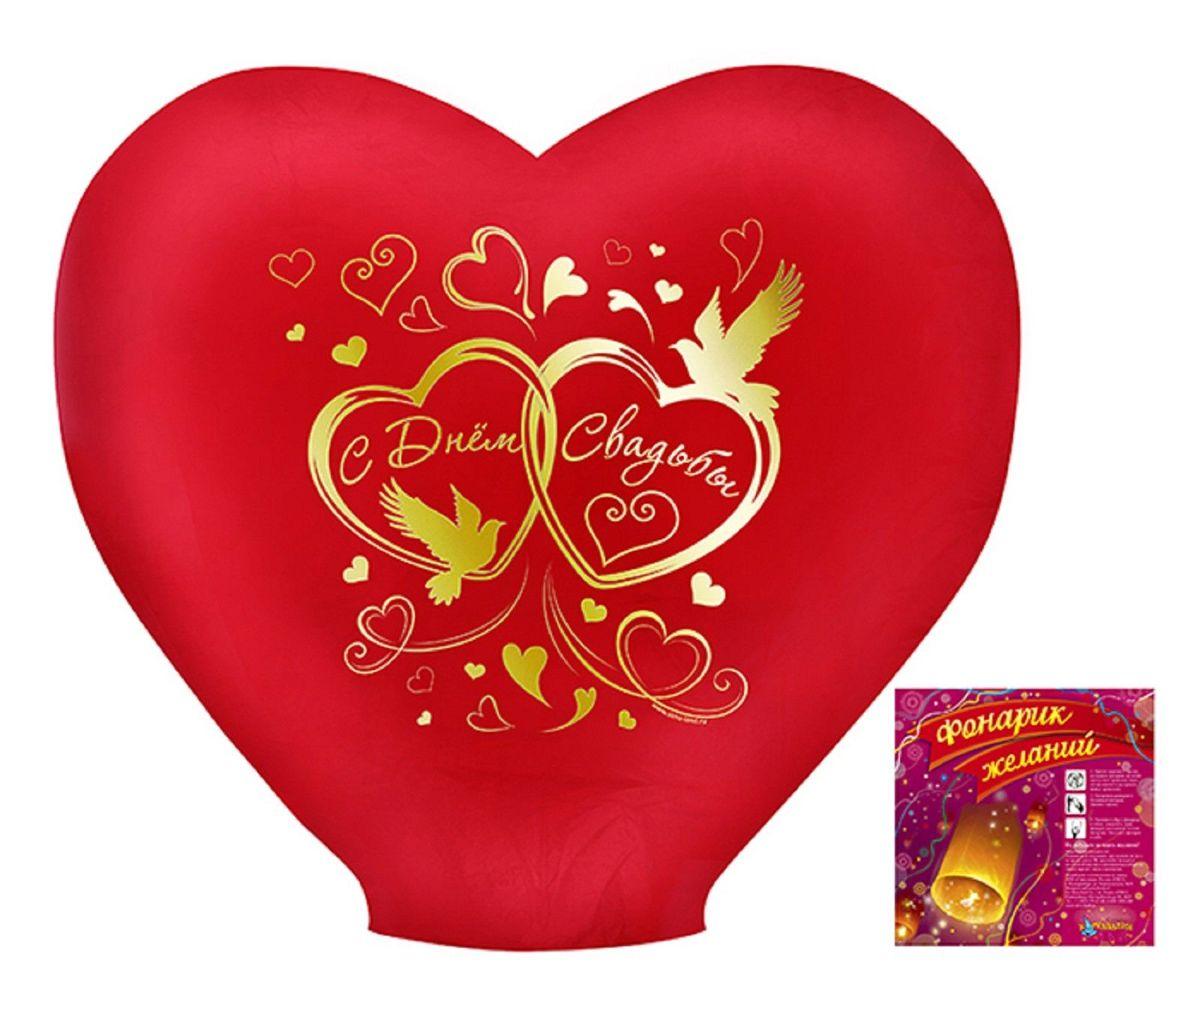 Фонарик бумажный Страна Карнавалия С днем свадьбы, цвет: красный329347Свадьба – самый значительный момент в жизни молодой пары и волшебный сказочный праздник, к которому готовятся с особой тщательностью. И, конечно же, в финале, на фоне стремительно темнеющего неба, можно устроить, уже ставший традицией, запуск множества фонариков желаний несущих радость и счастье молодым. Небесный фонарик – простой и изящный способ устроить фееричное завершение свадебного вечера. Фонарик устроен очень просто. Объёмная конструкция, сделанная из специальной экологически чистой бумаги, действует по принципу воздушного шара. Надежно закрепленная в нижней части бумажного купола горелка разогревает воздух внутри фонарика, поднимает его вверх и эффектно подсвечивает изнутри, создавая таинственный ореол. Длительность полета составляет около 20 минут – за это время бумажный фонарик поднимается на высоту до 200 метров, и с земли Вы сможете наблюдать сначала огненный шар, а потом яркую светящуюся точку, курсирующую по небу. Дарите любимым счастье.